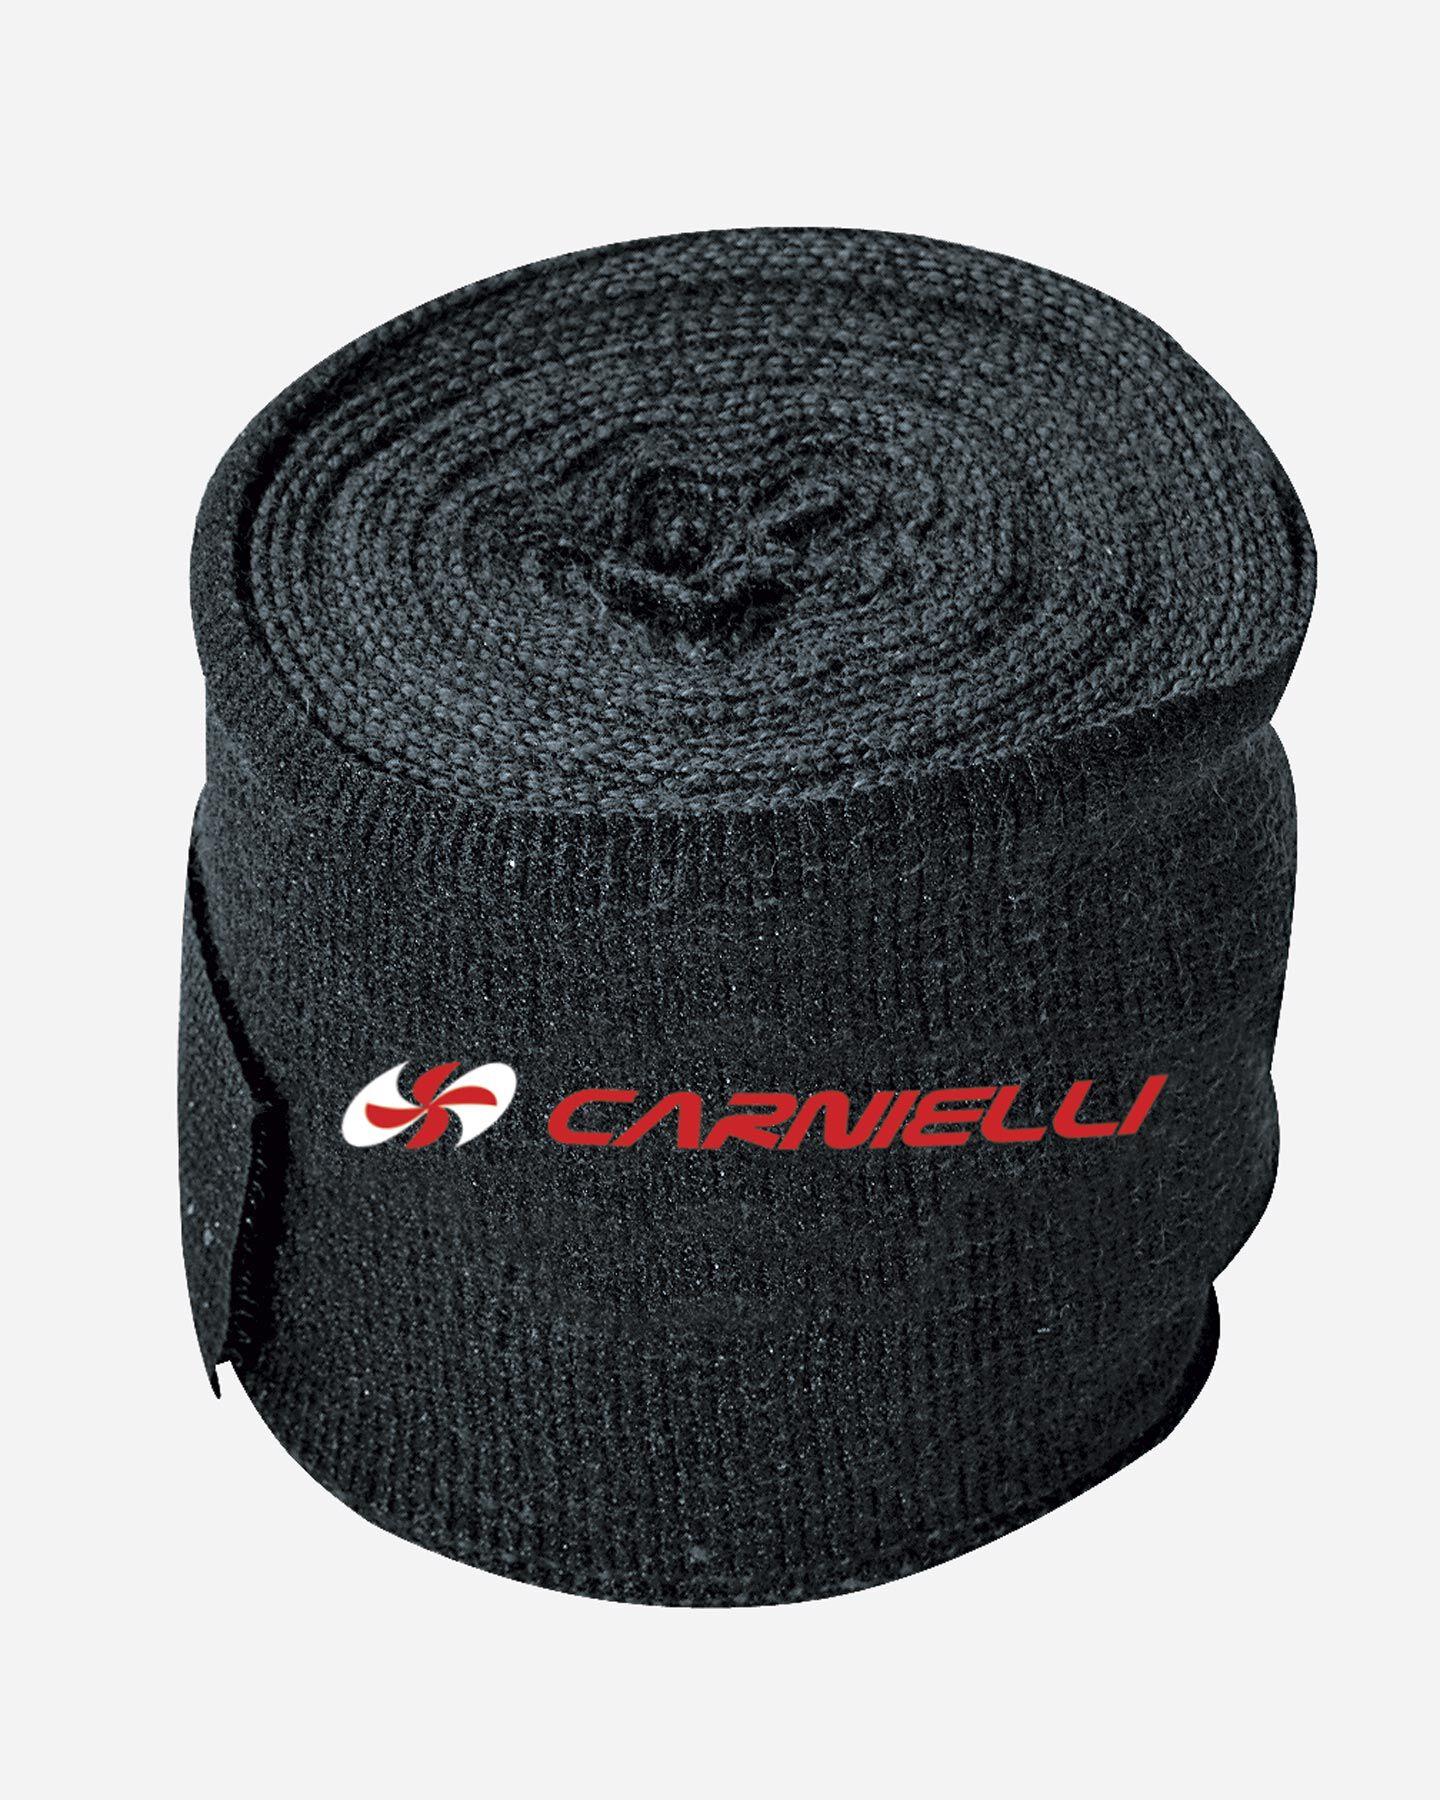 Accessorio CARNIELLI FASCE BOXE S4036630|NERO|UNI scatto 1